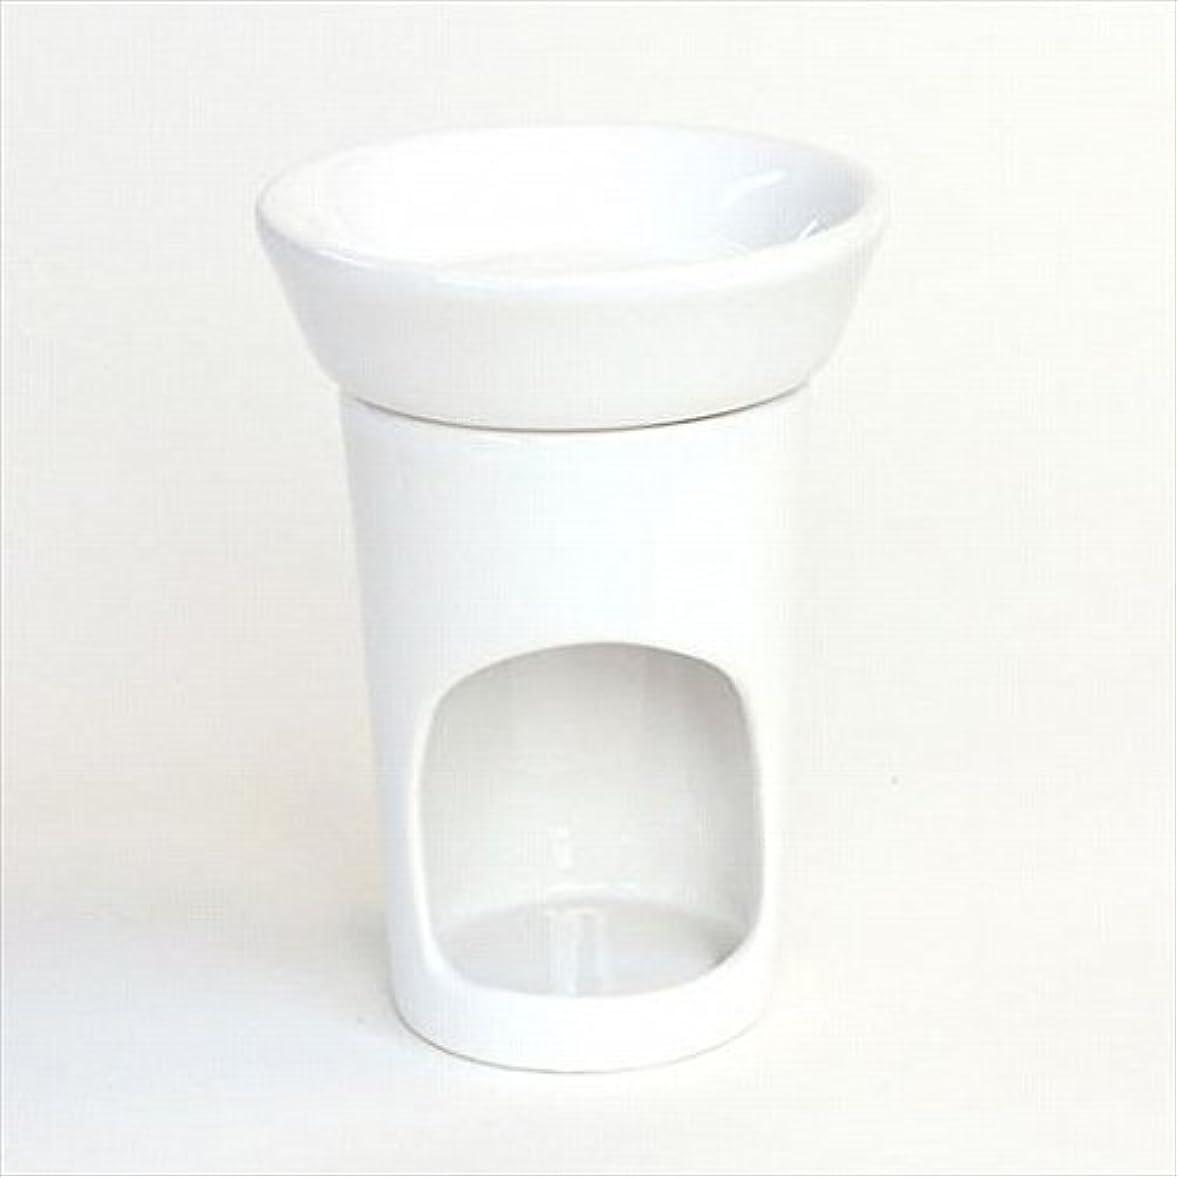 ペフキャンバスフォーカスkameyama candle(カメヤマキャンドル) ブランタルトウォーマー キャンドル 78x78x116mm (J5250000)